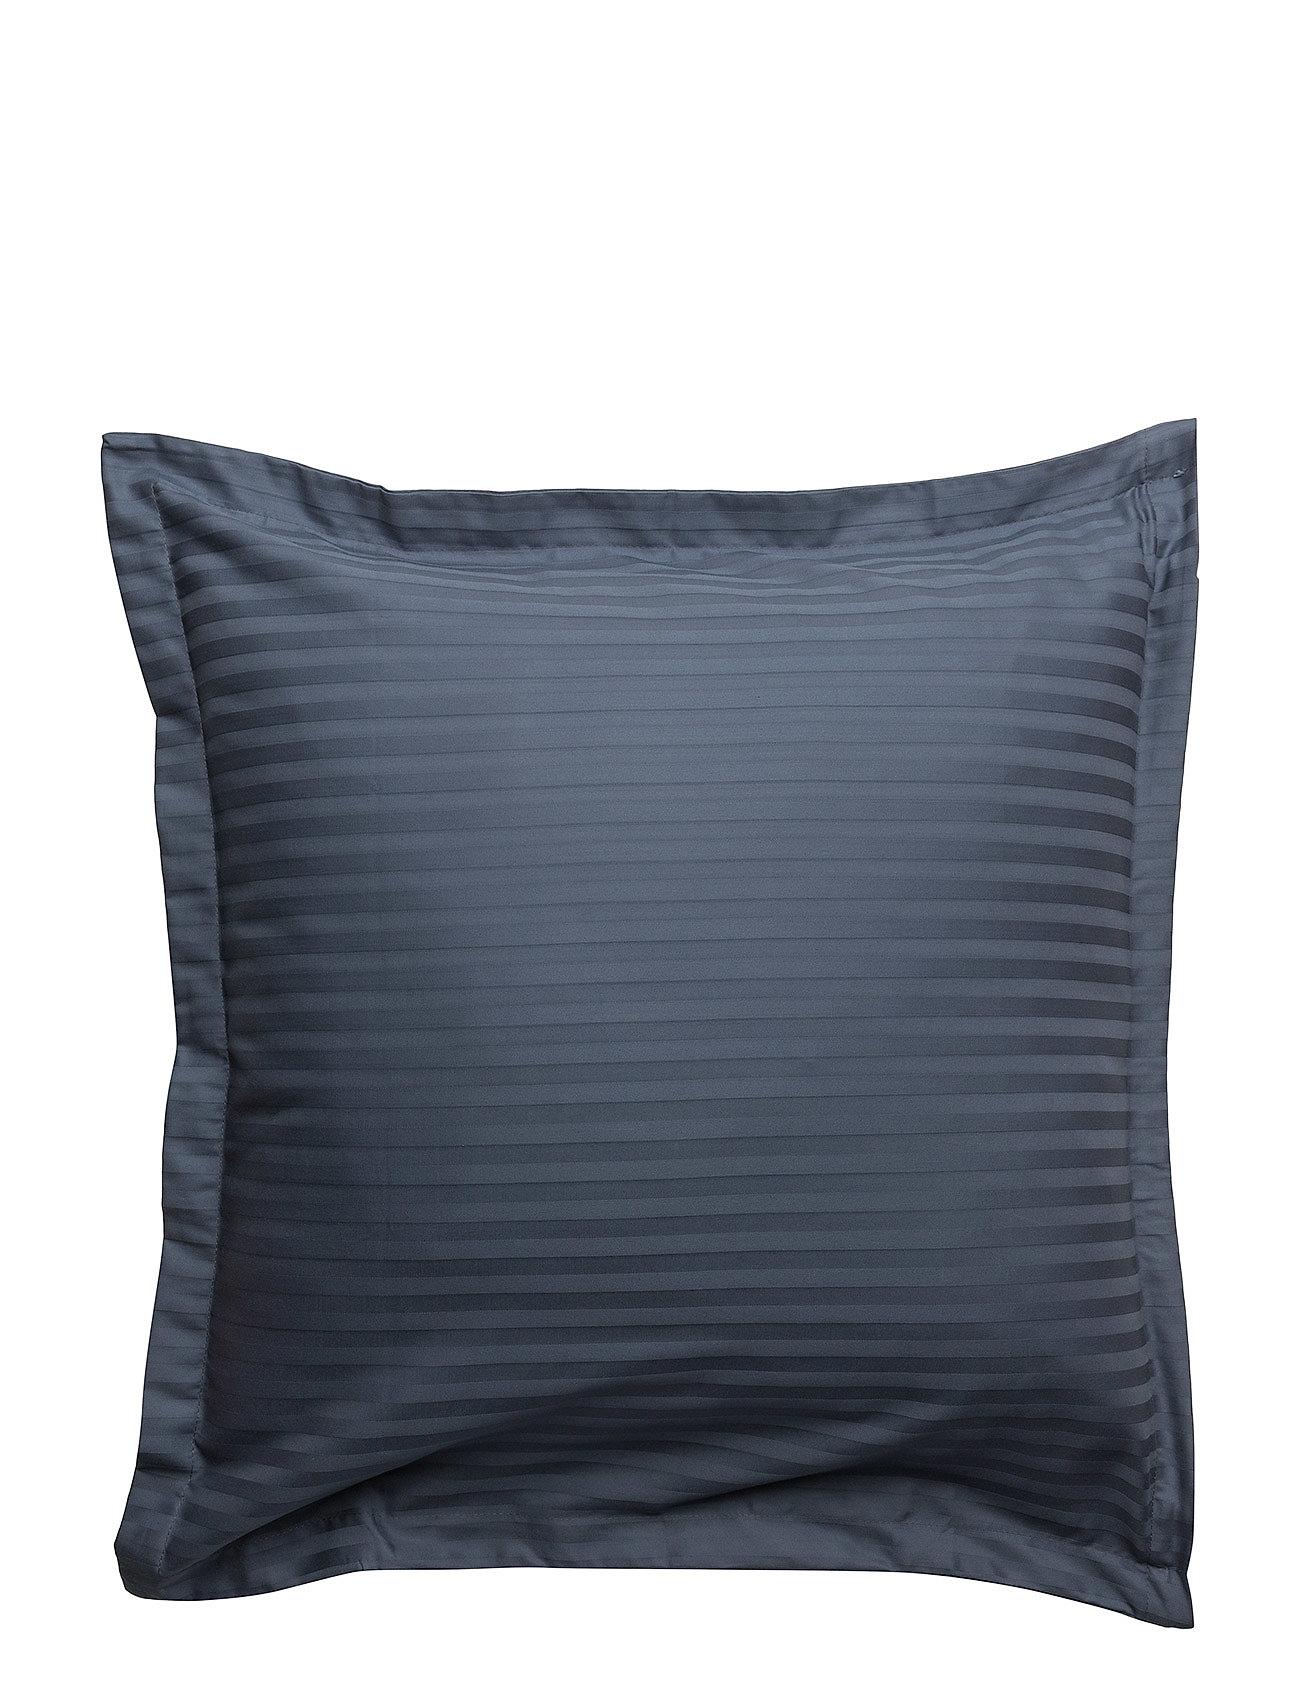 Borås Cotton Harmony Pillowcase - DARK BLUE